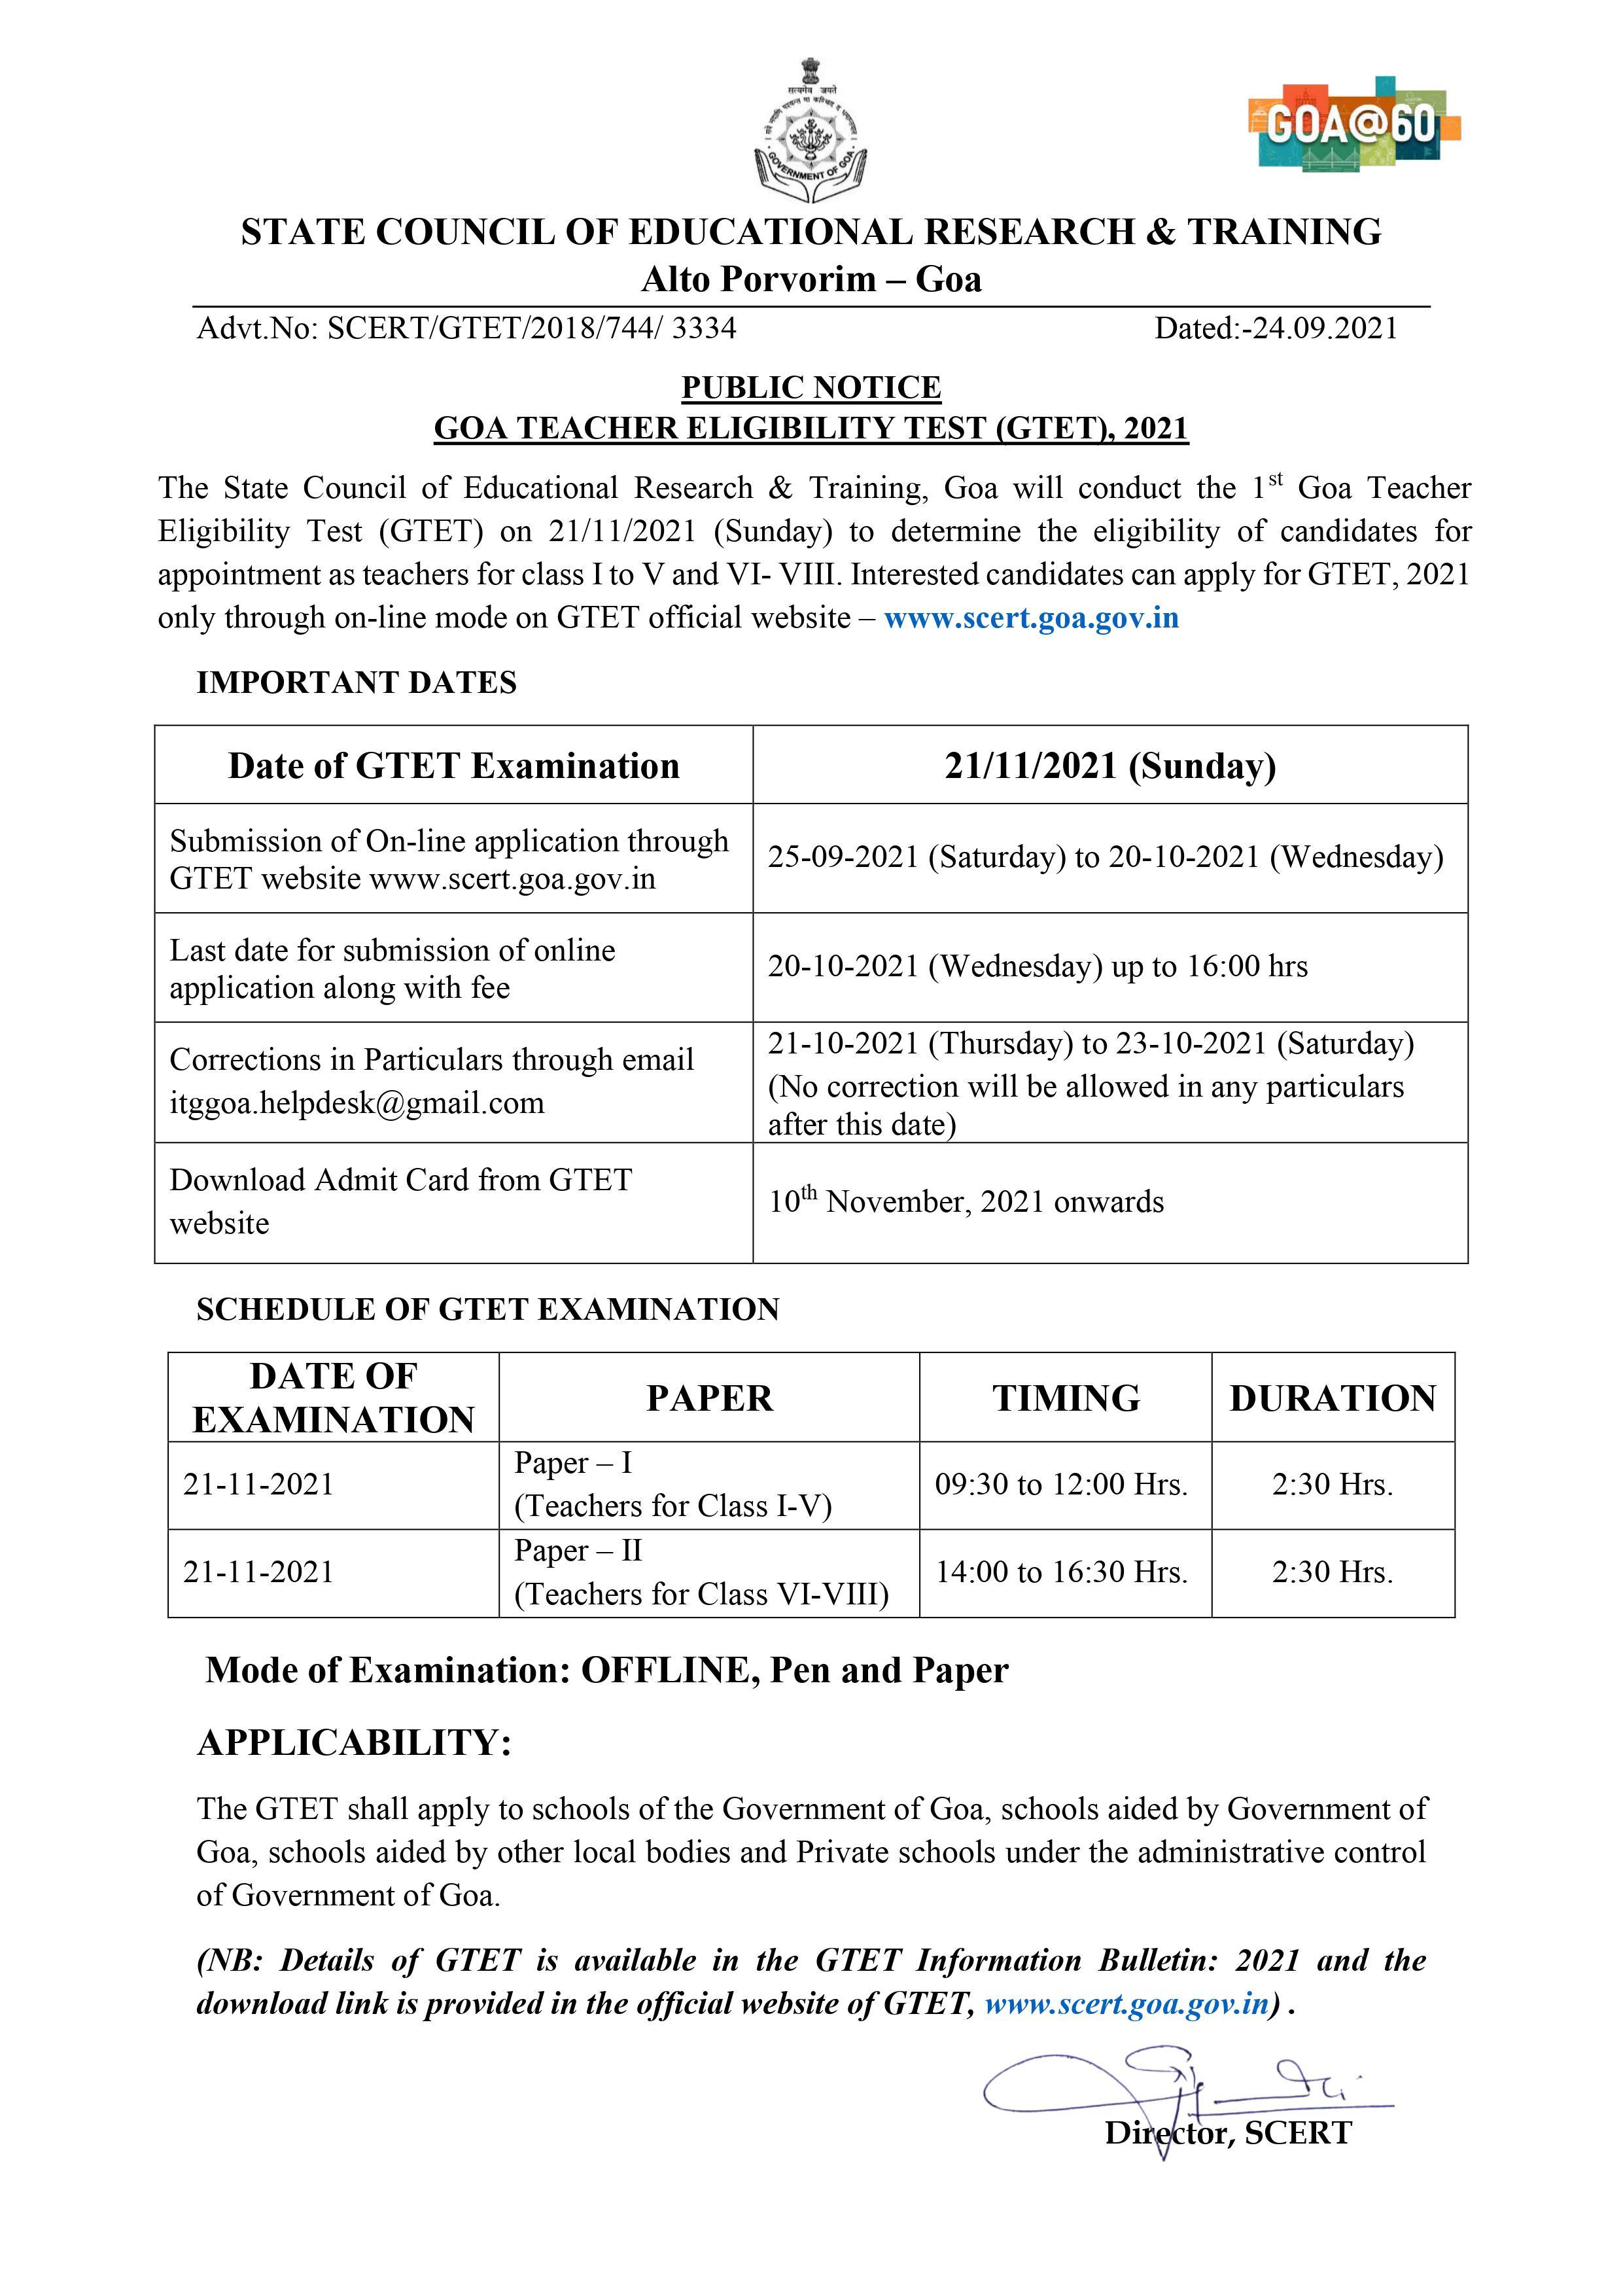 Public Notice for Goa Teachers Eligibility Test (GTET) 2021